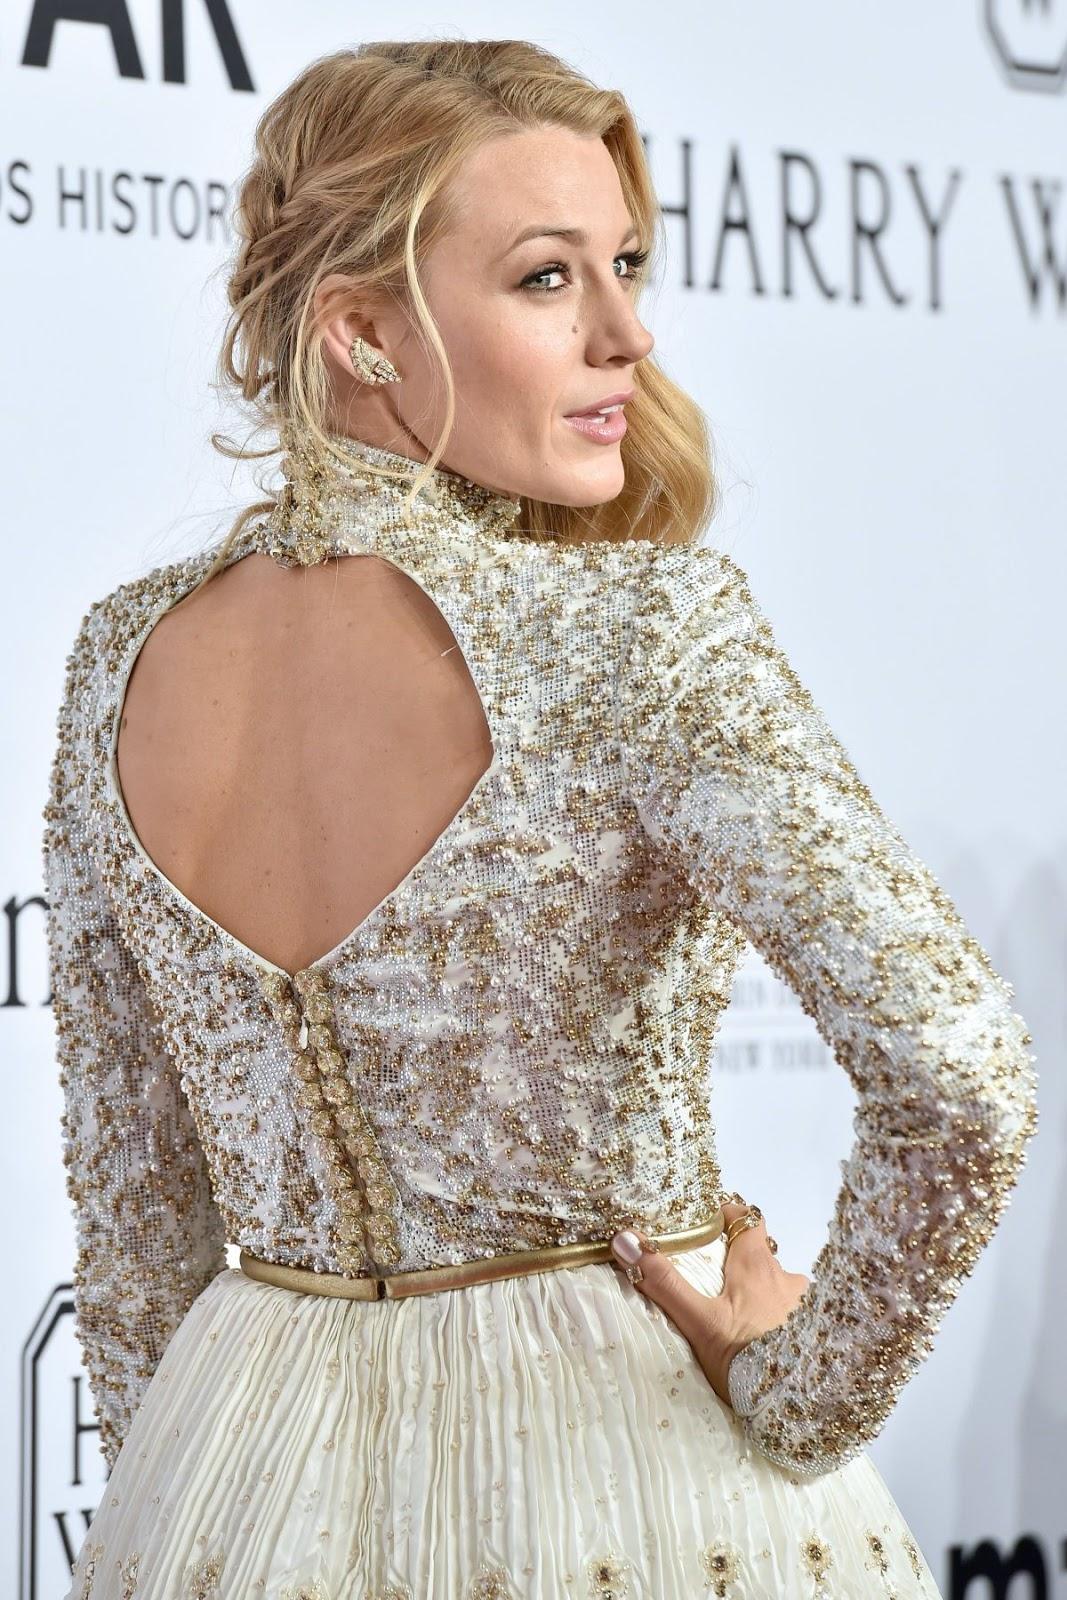 Blake Lively at 2016 amfAR New York Gala